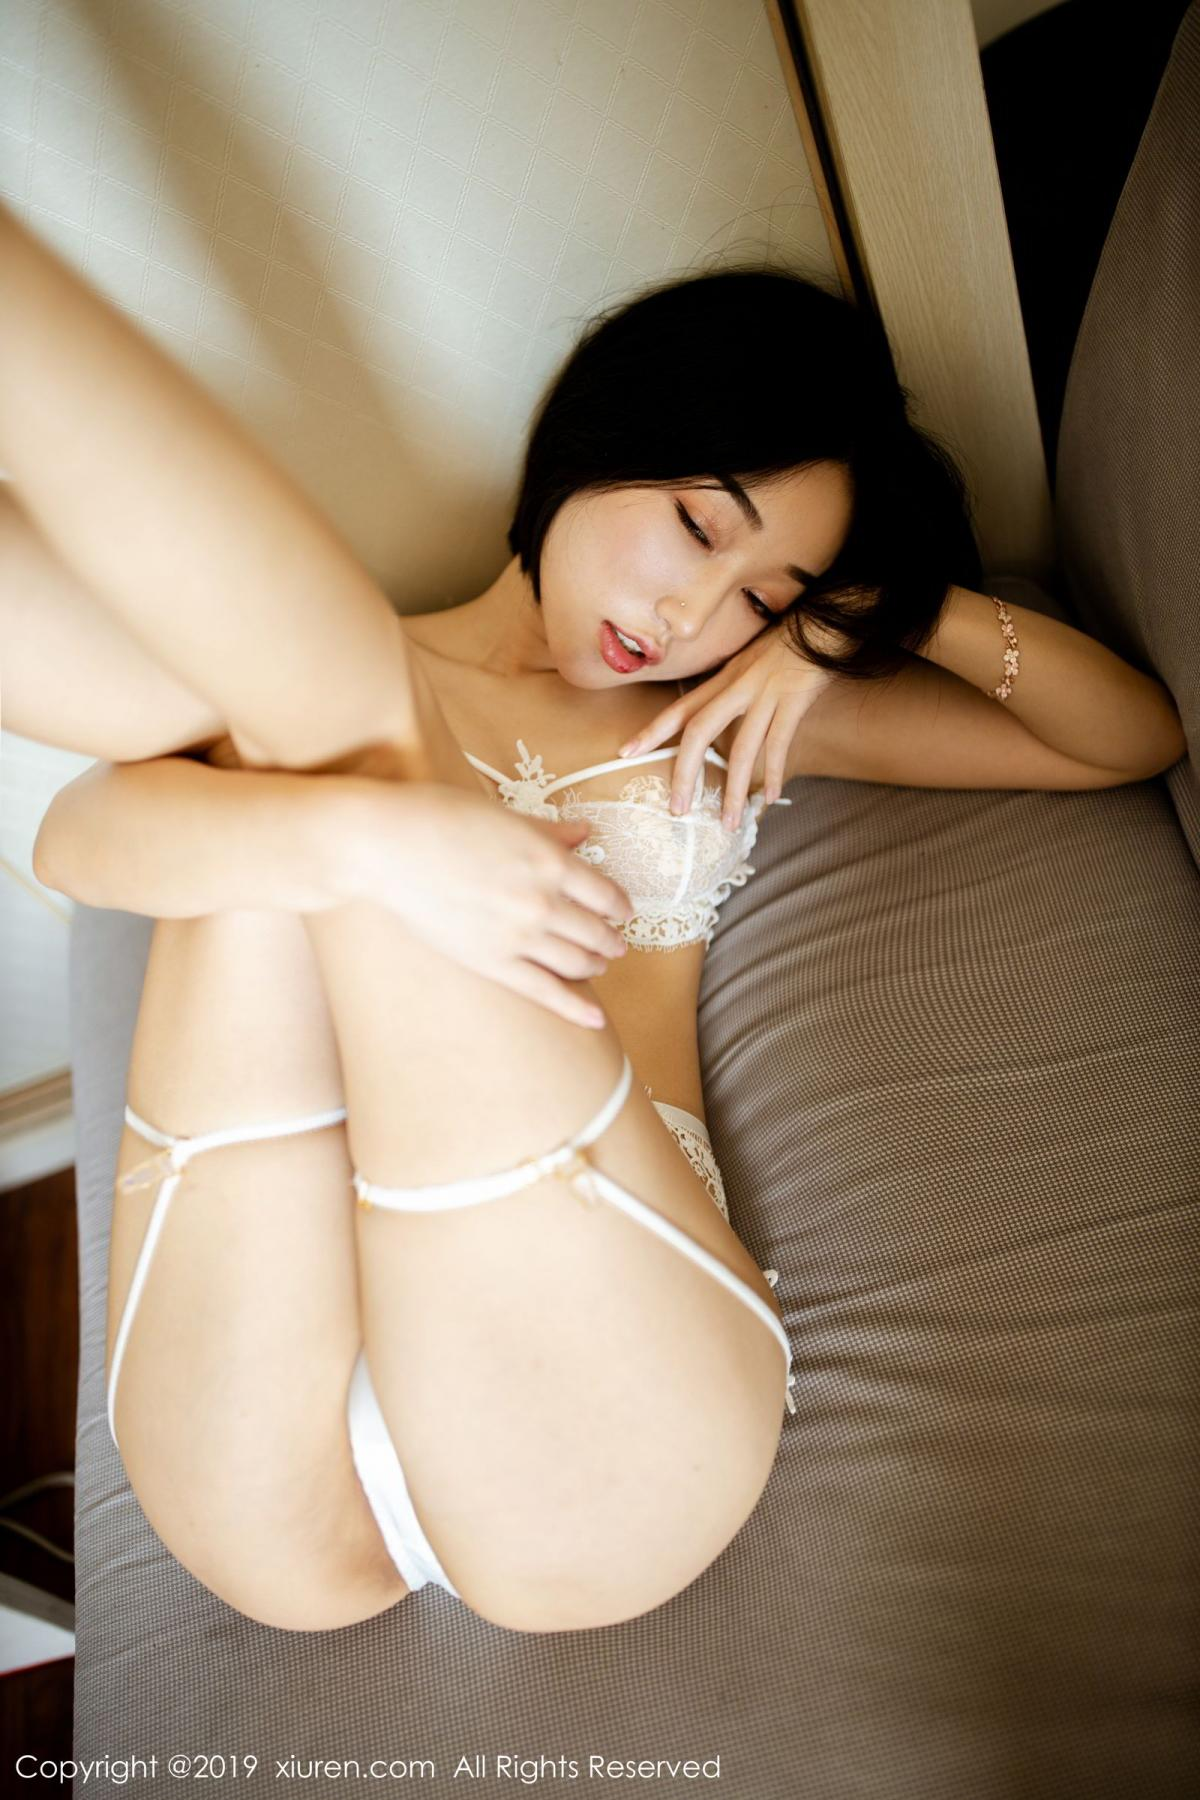 [XiuRen] Vol.1626 Xiao Jiu Yue 19P, Pure, Underwear, Xiao Jiu Yue, Xiuren